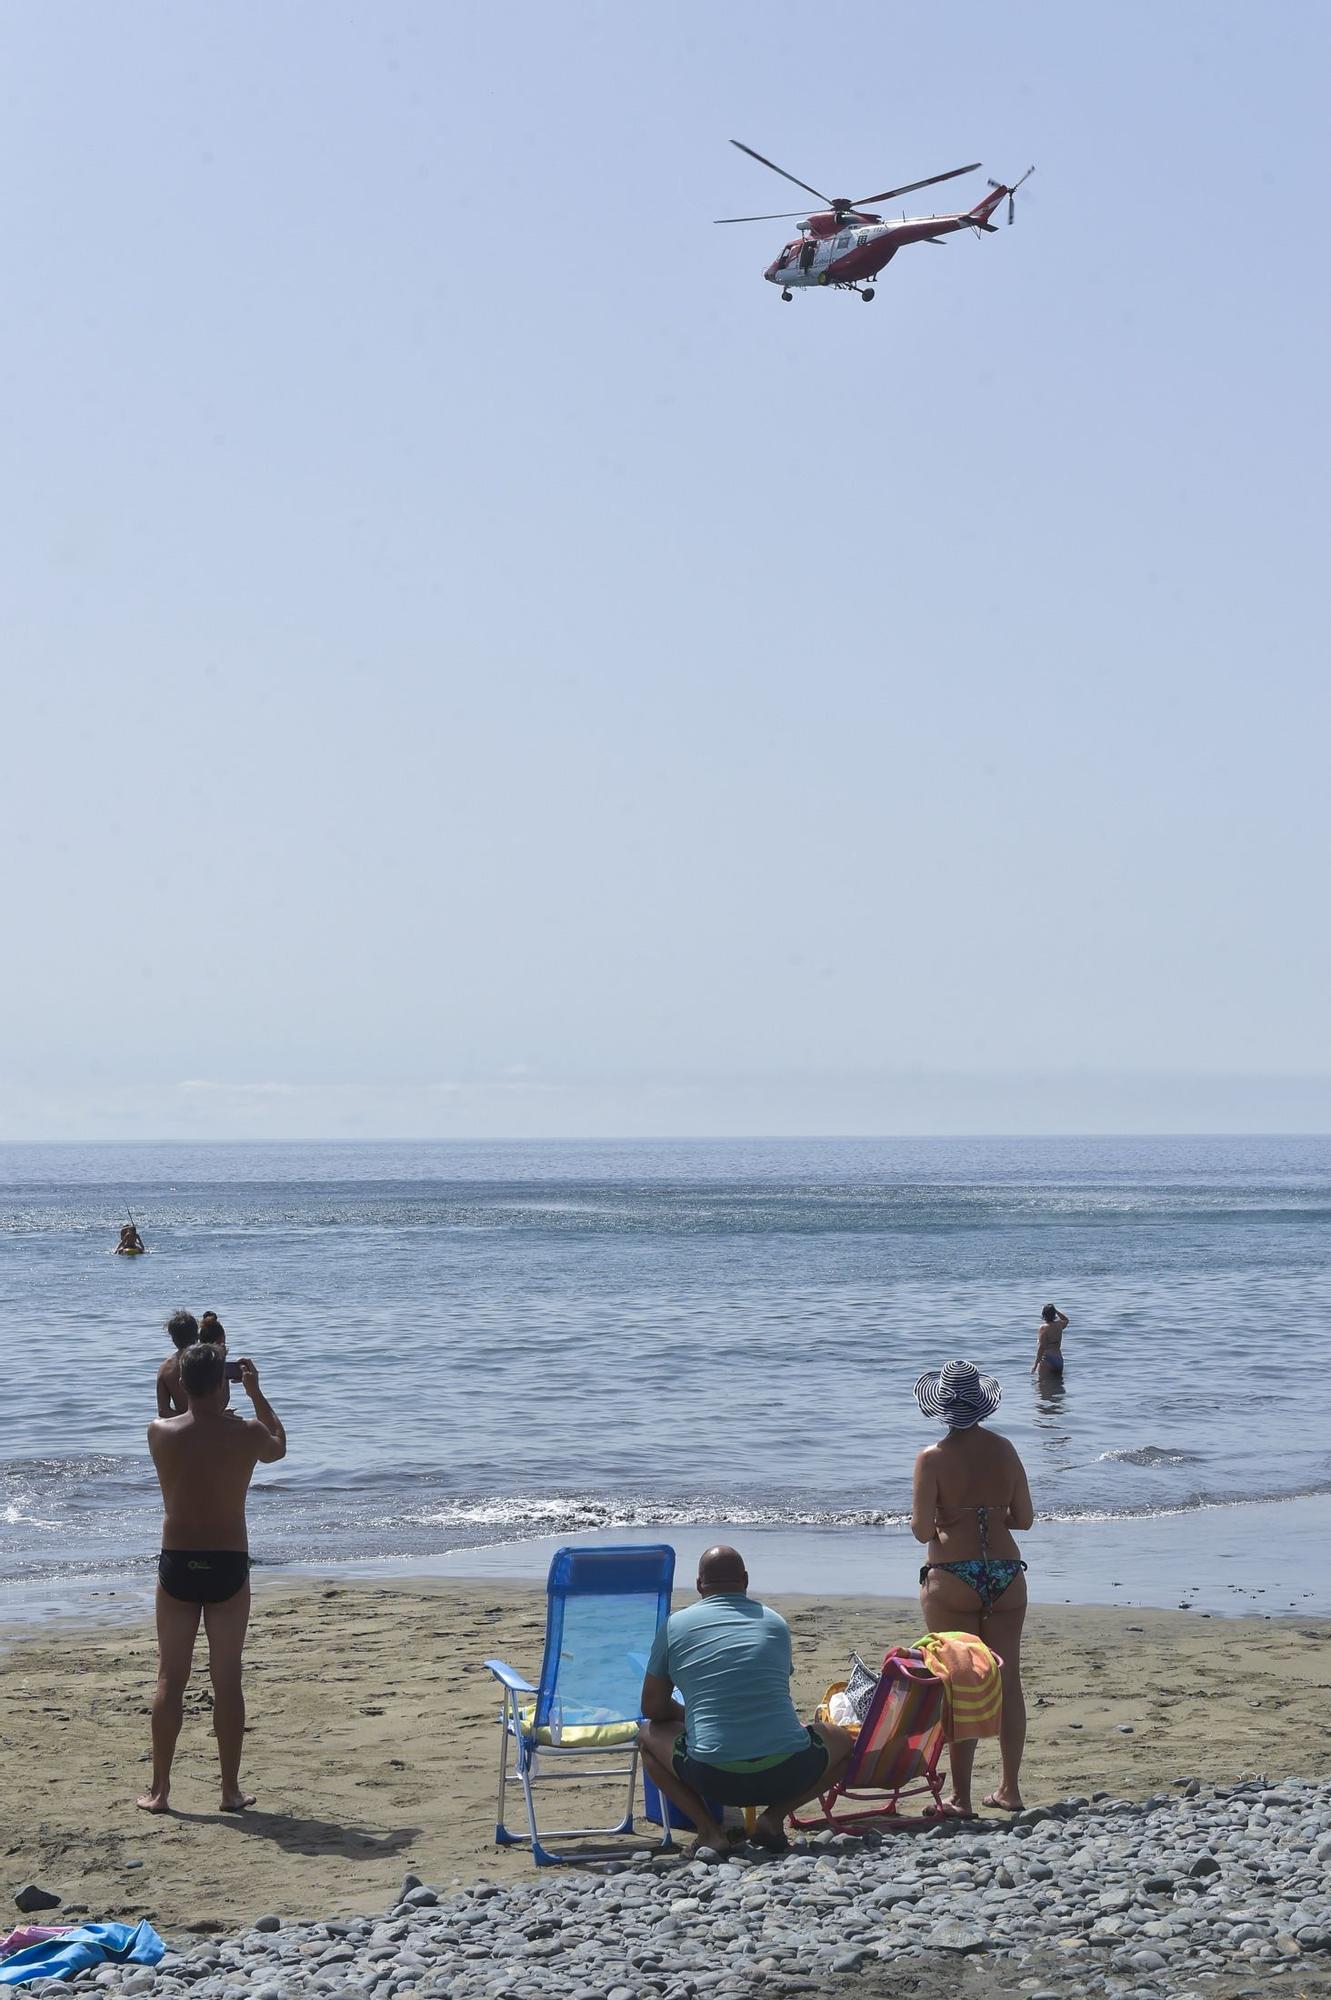 El helicóptero del GES rastrea Playa del Águila en la búsqueda del joven submarinista desaparecido (06/09/2021)